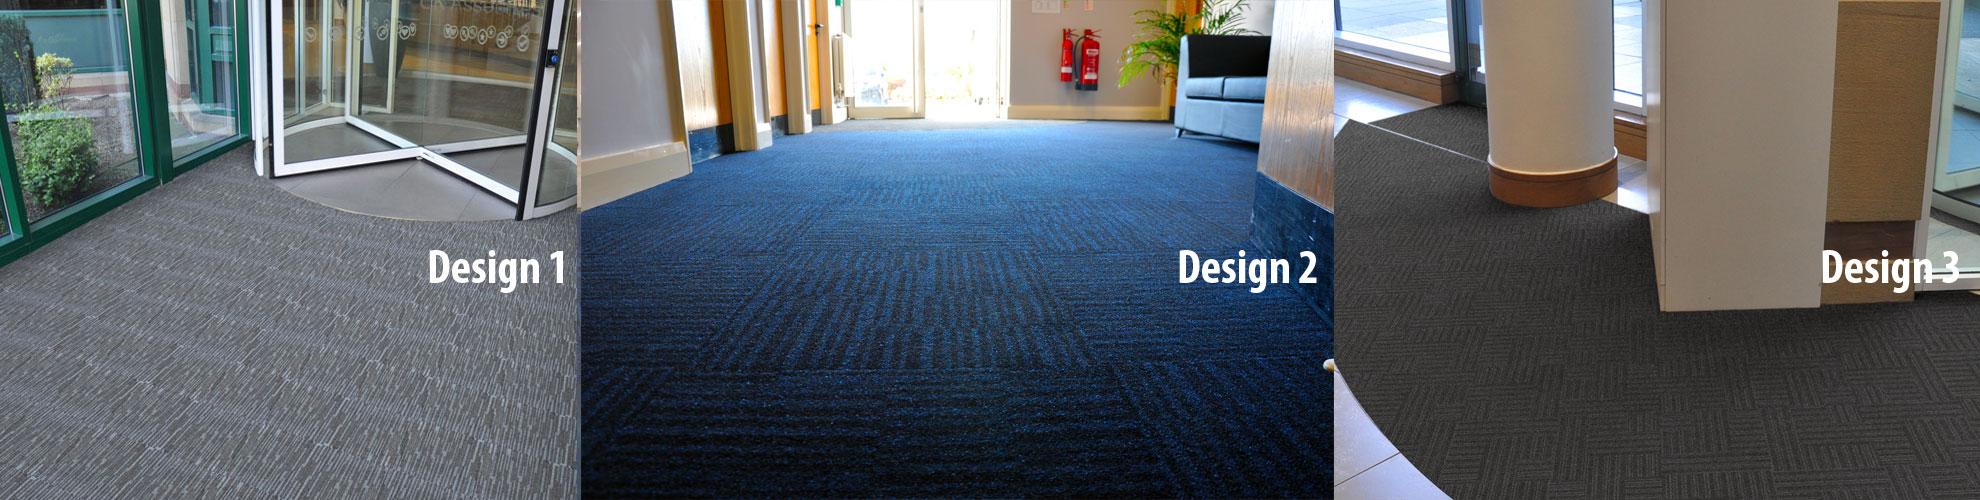 workspace entrance design archives paragon carpets